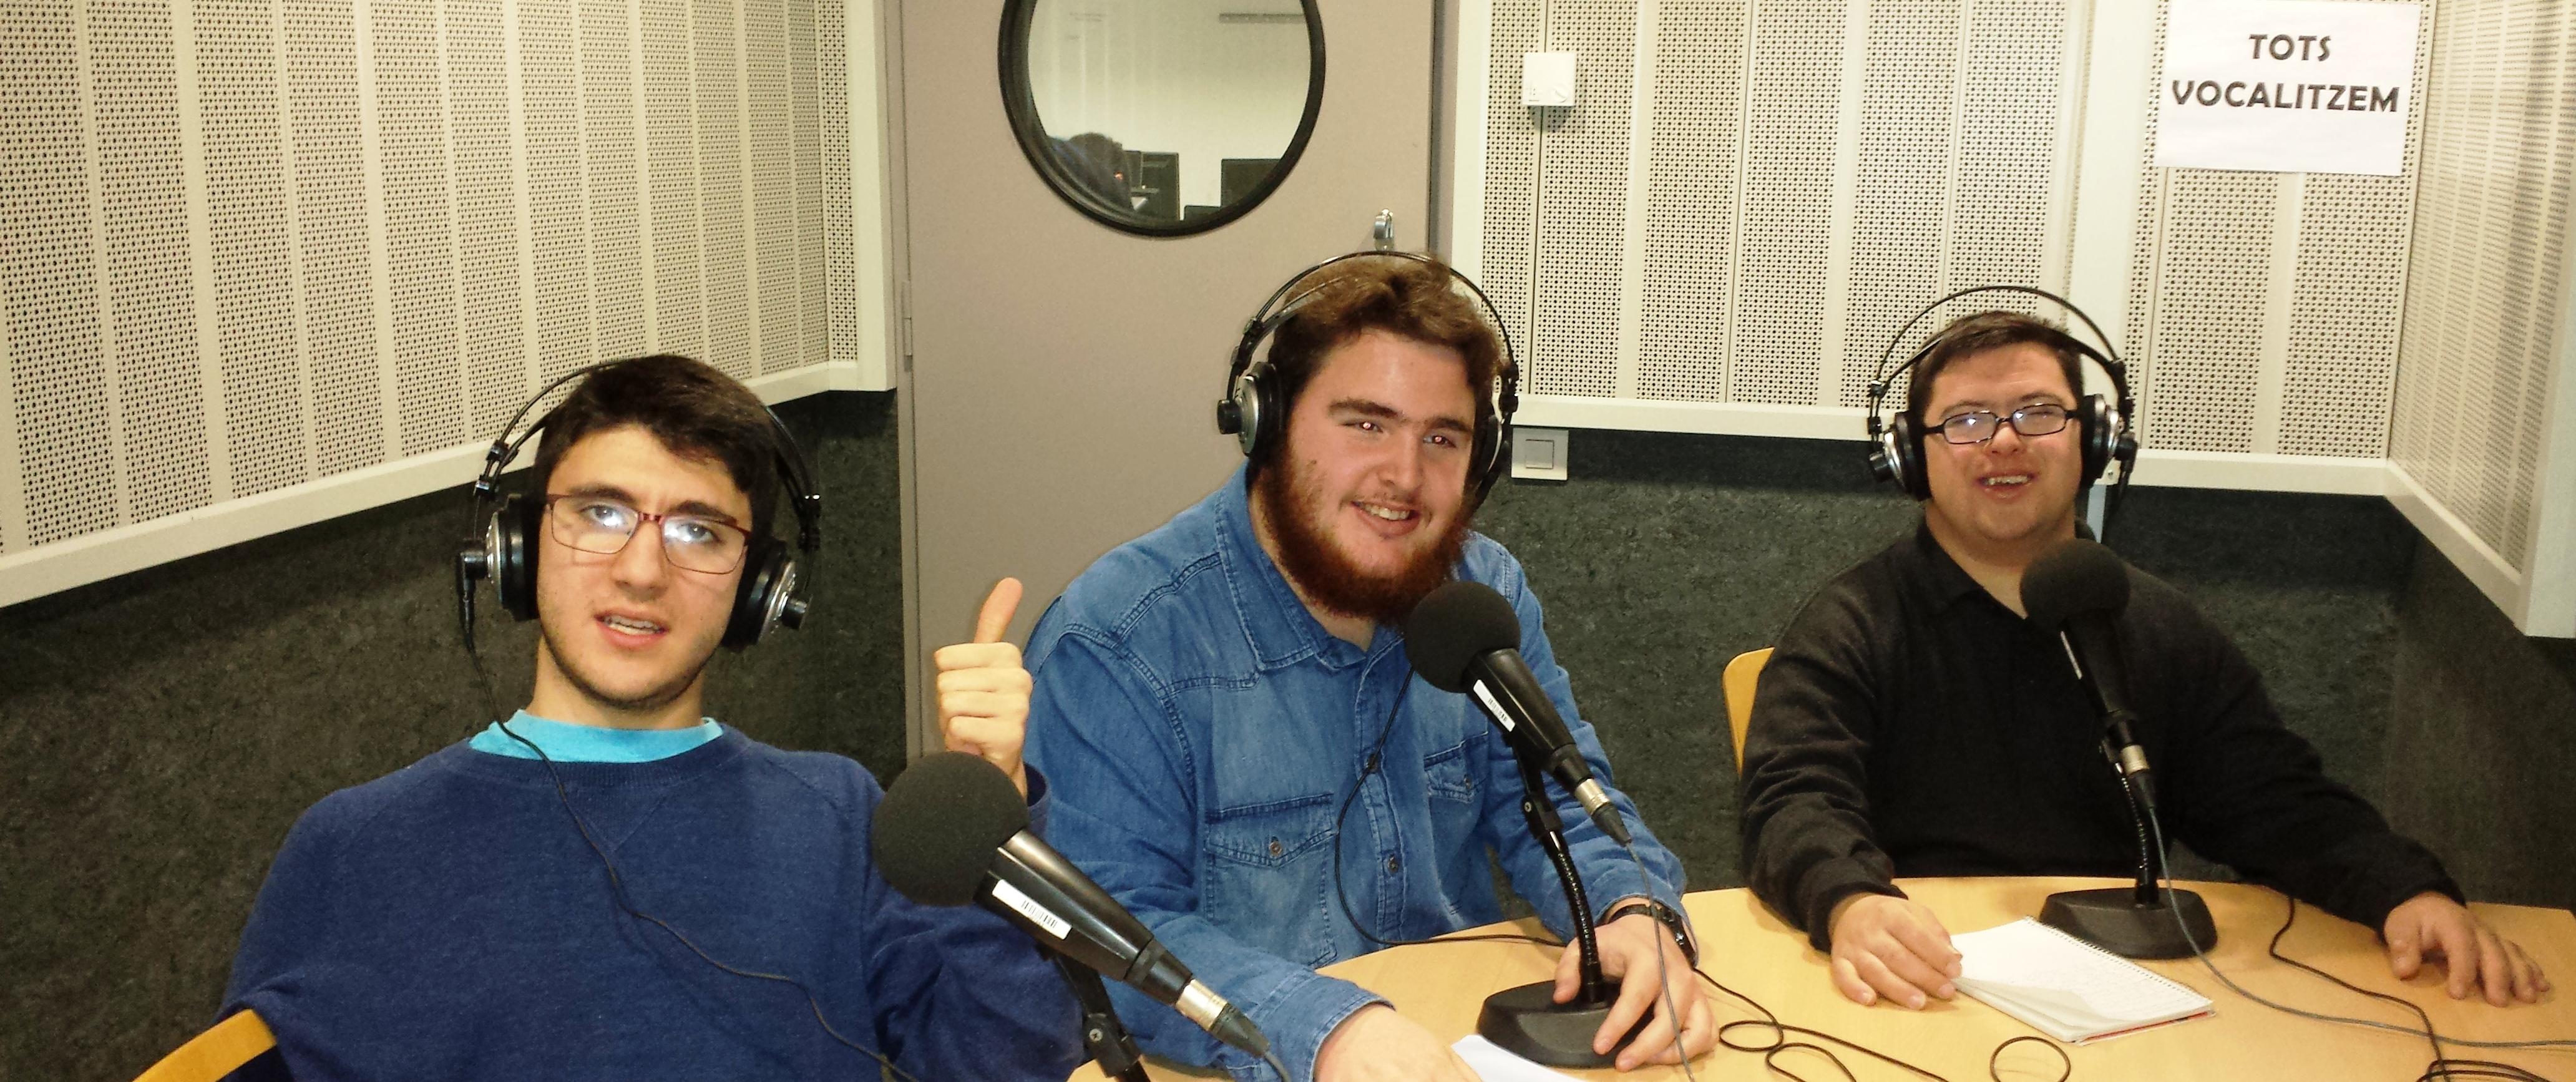 Alfonso Varona, Lluc Valls i Carles Pardo, participants de la segona promoció del curs, a l'estudi d'UPF Ràdio. Foto: FCSD